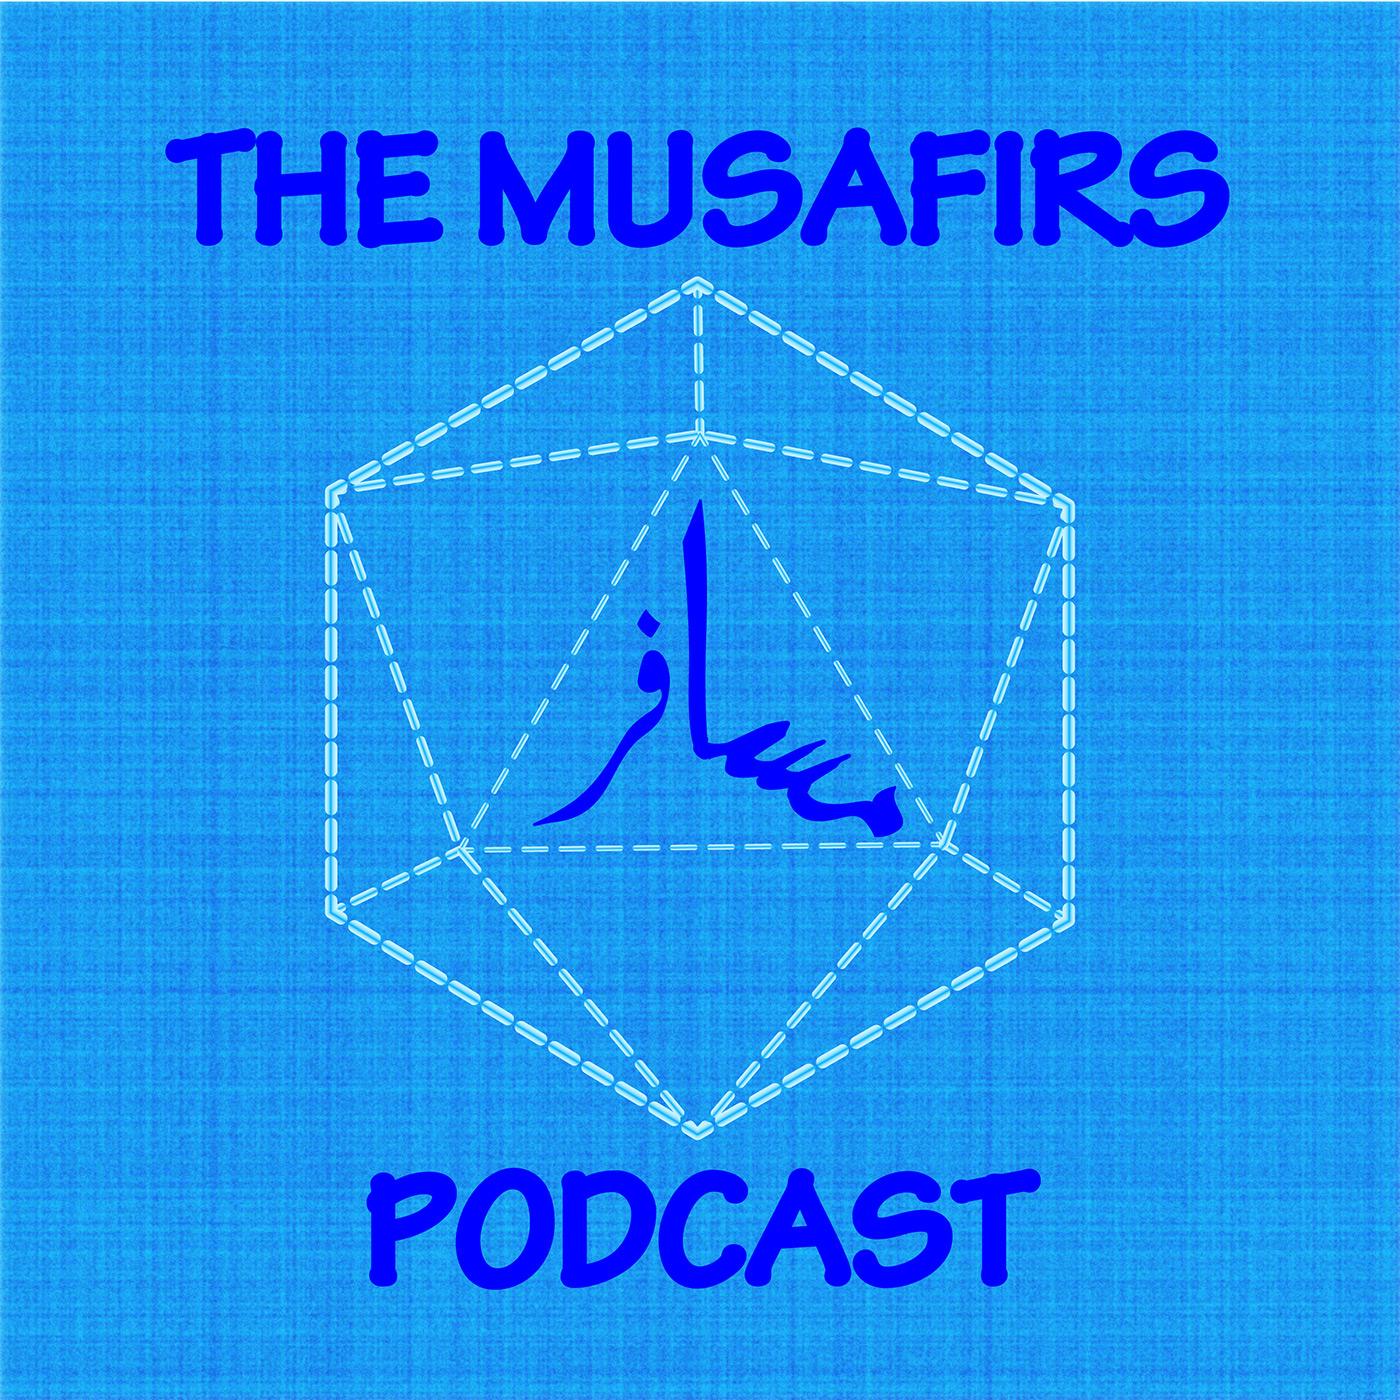 The Musafirs S01E7.6 PAAN!